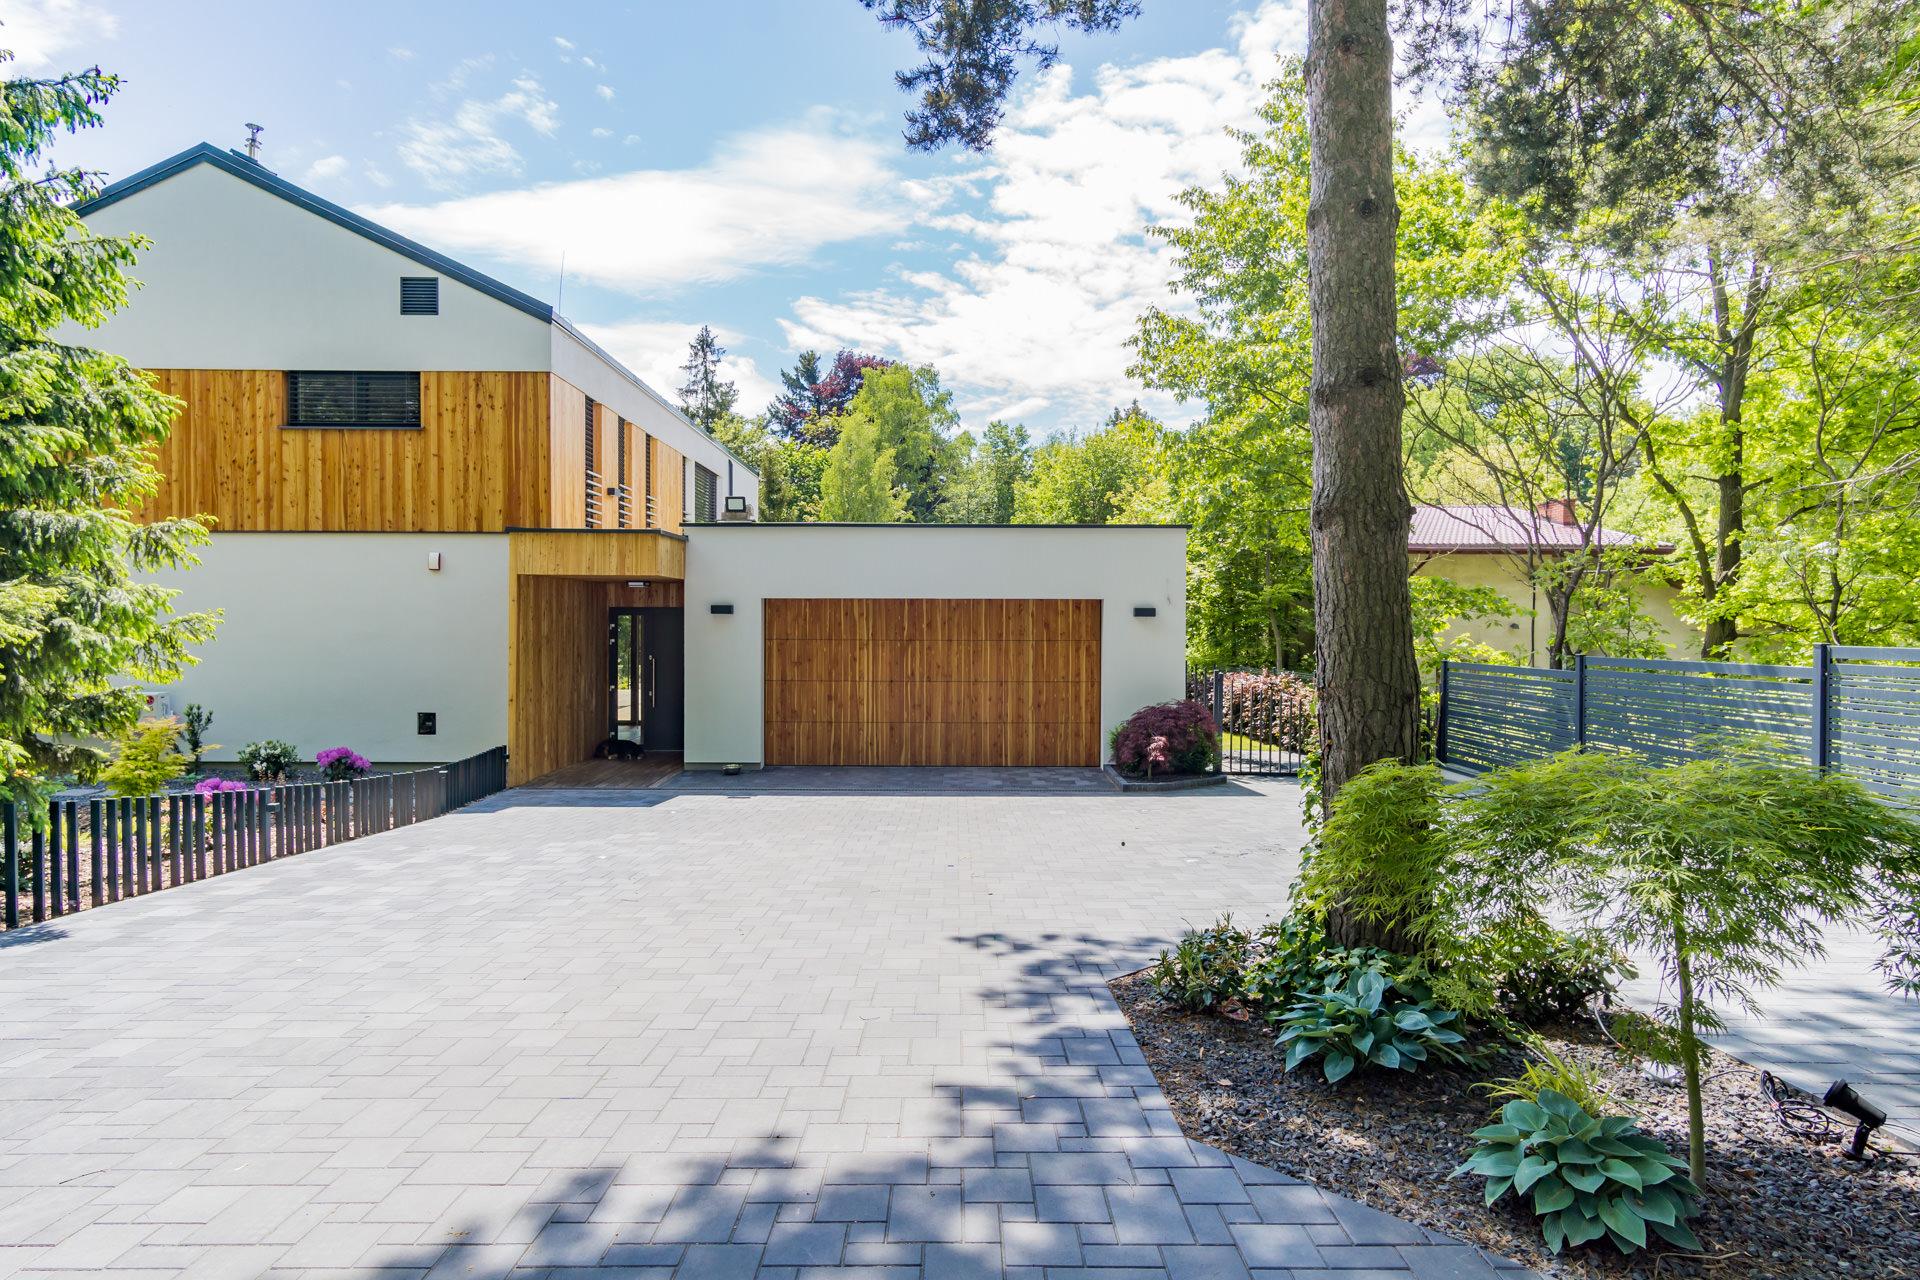 nowoczesny-luksusowy-dom-zdjecia-do-sprzedazy (12)